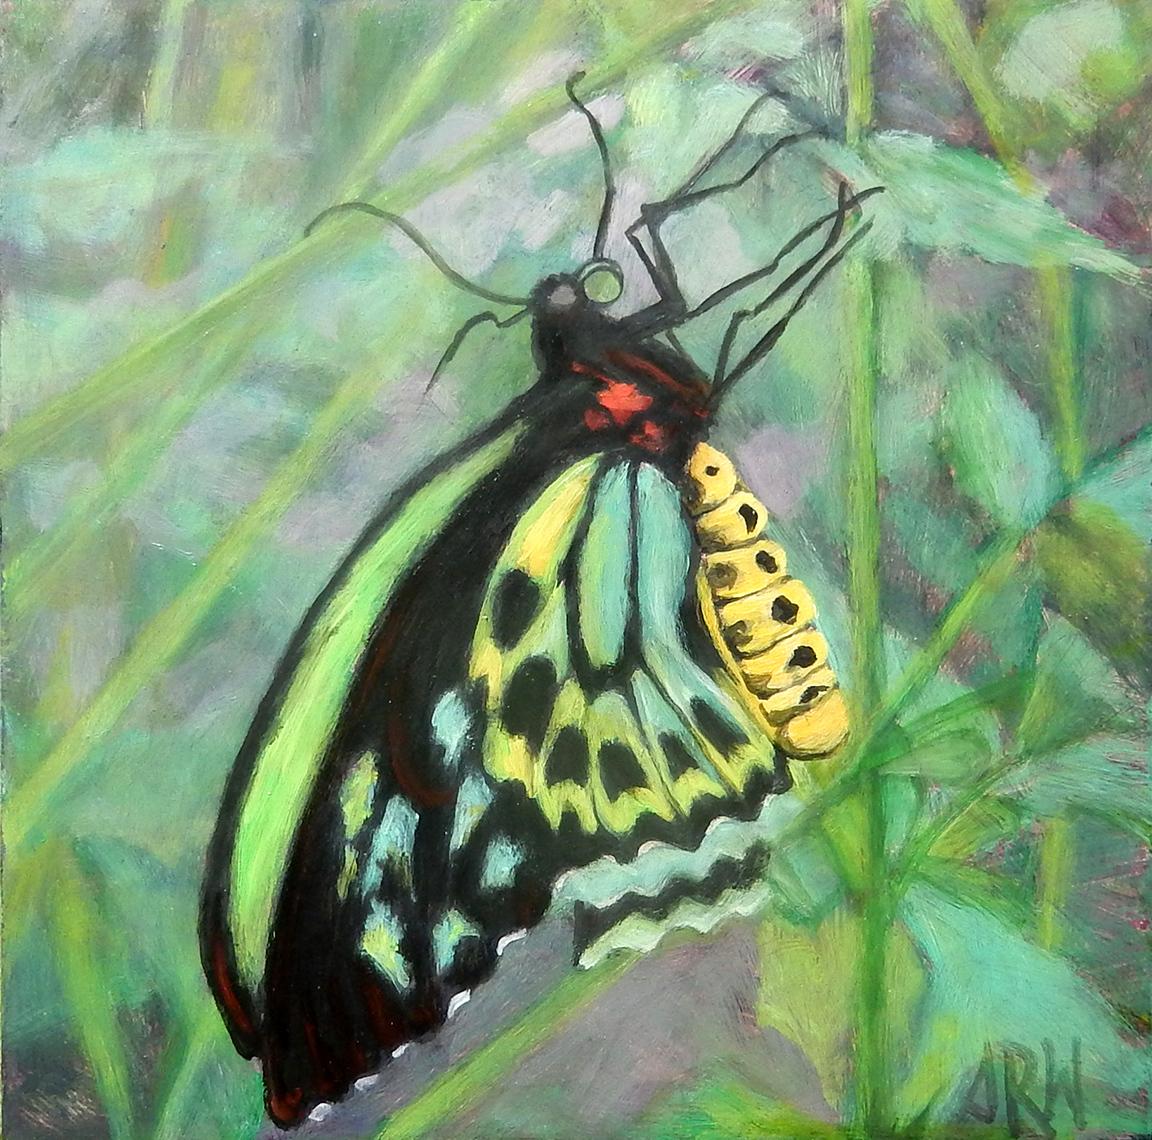 2020 Australian Butterfly 10x10 o/p